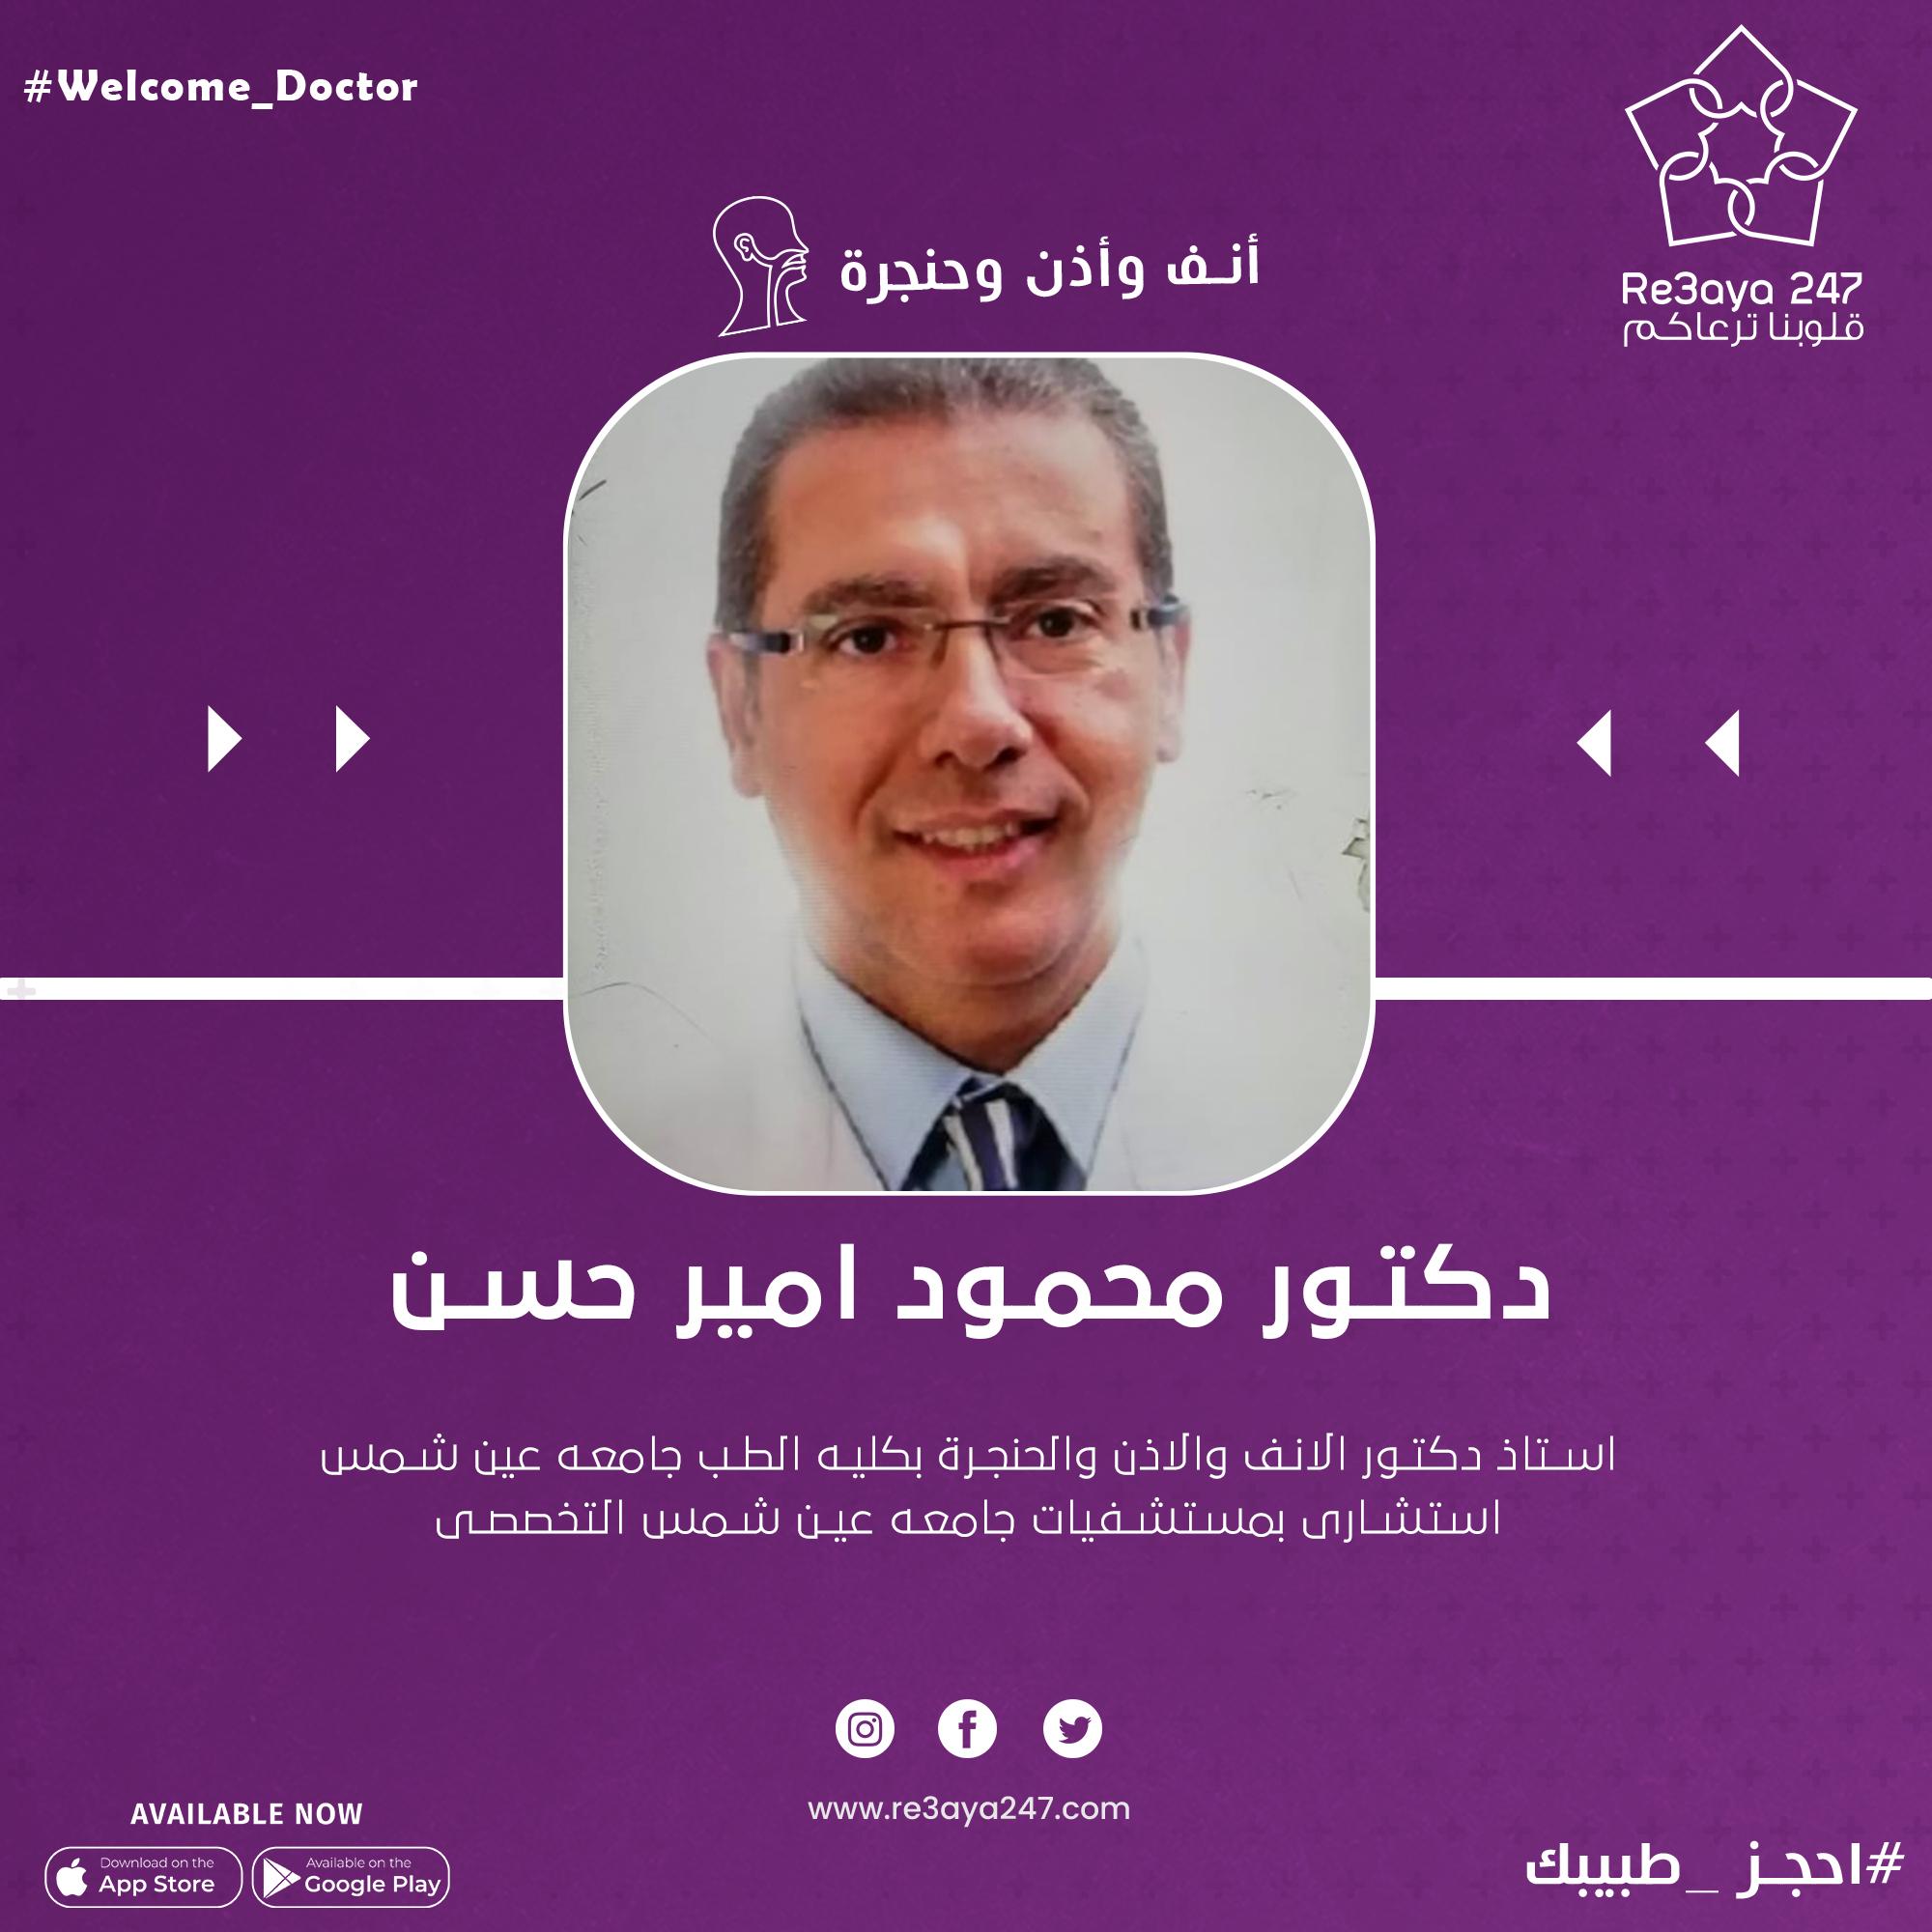 احجز مع د/محمود امير حسن